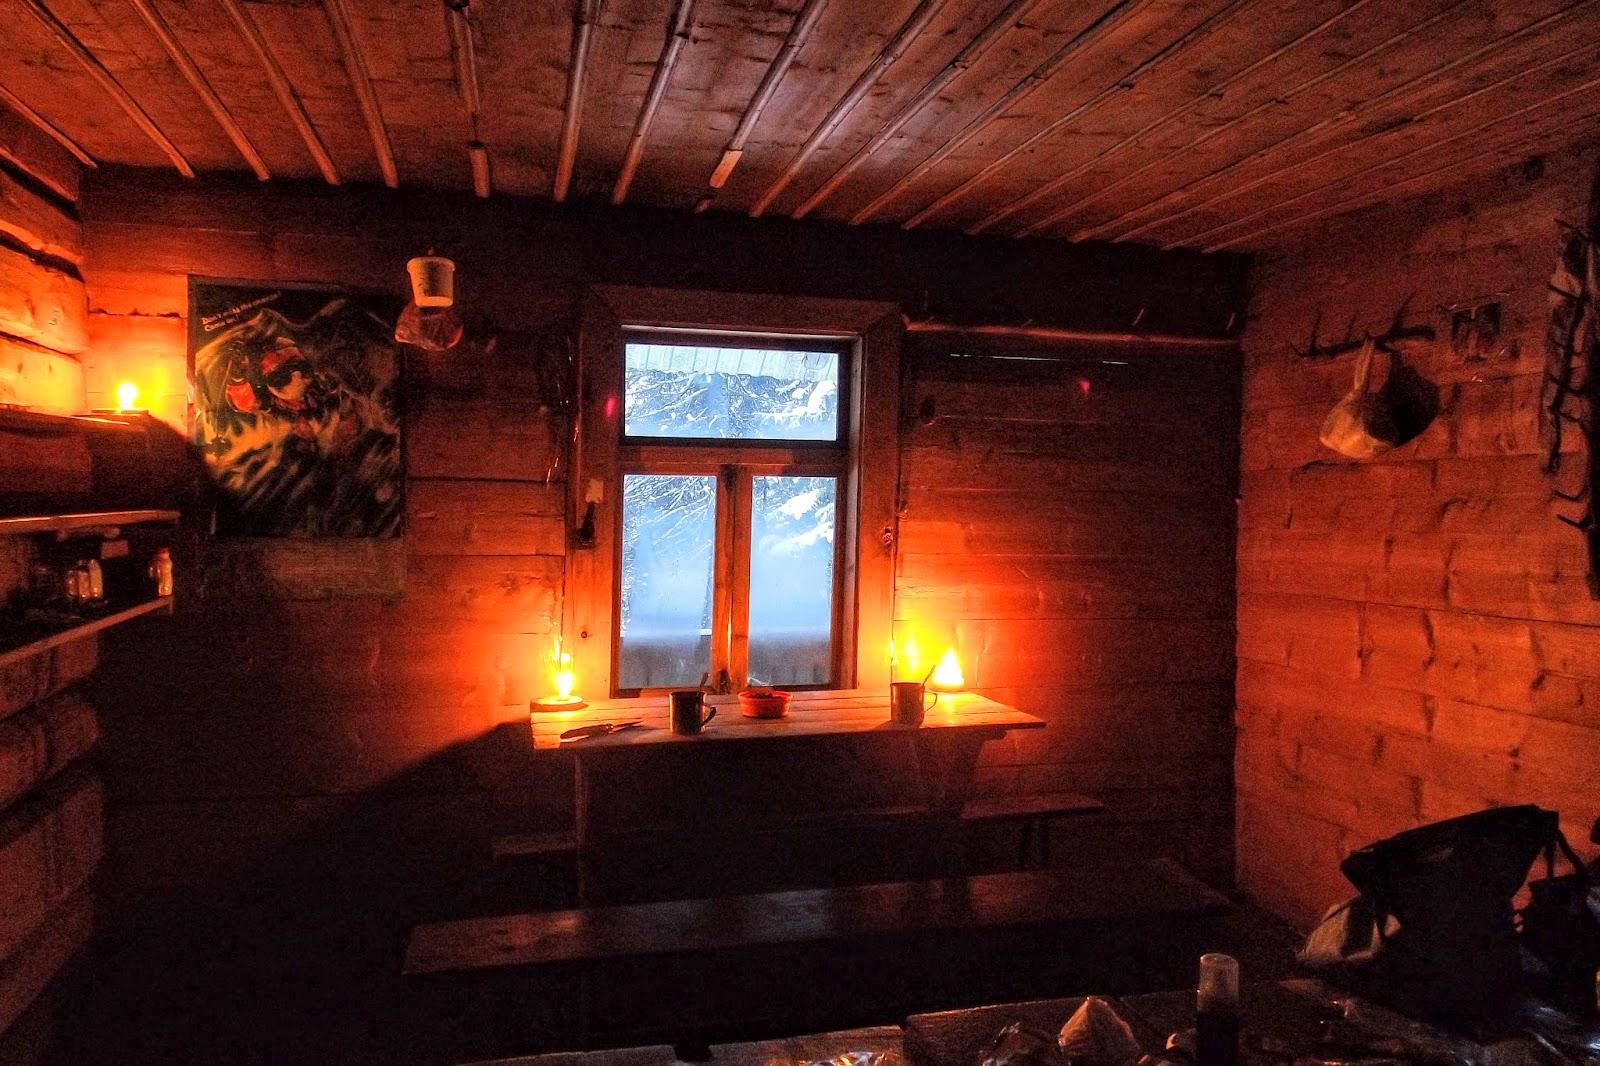 Інтерєр мисливського будиночоку в сідлі гір Молода та Яйко Перегінське